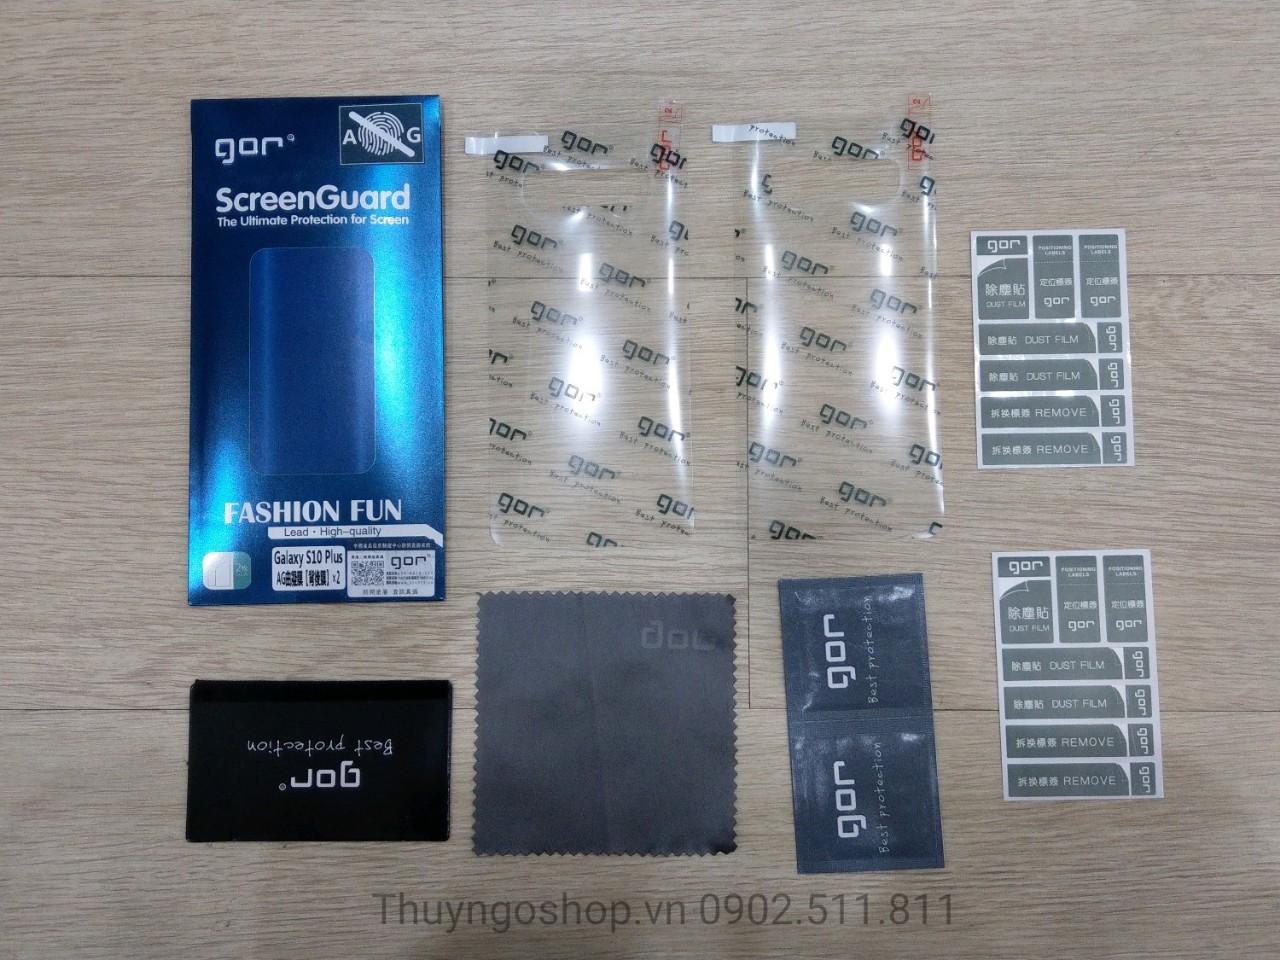 Samsung S10plus / S10 Bộ 2 Miếng Dán Trước/Sau Nhám Chống Vân Tay